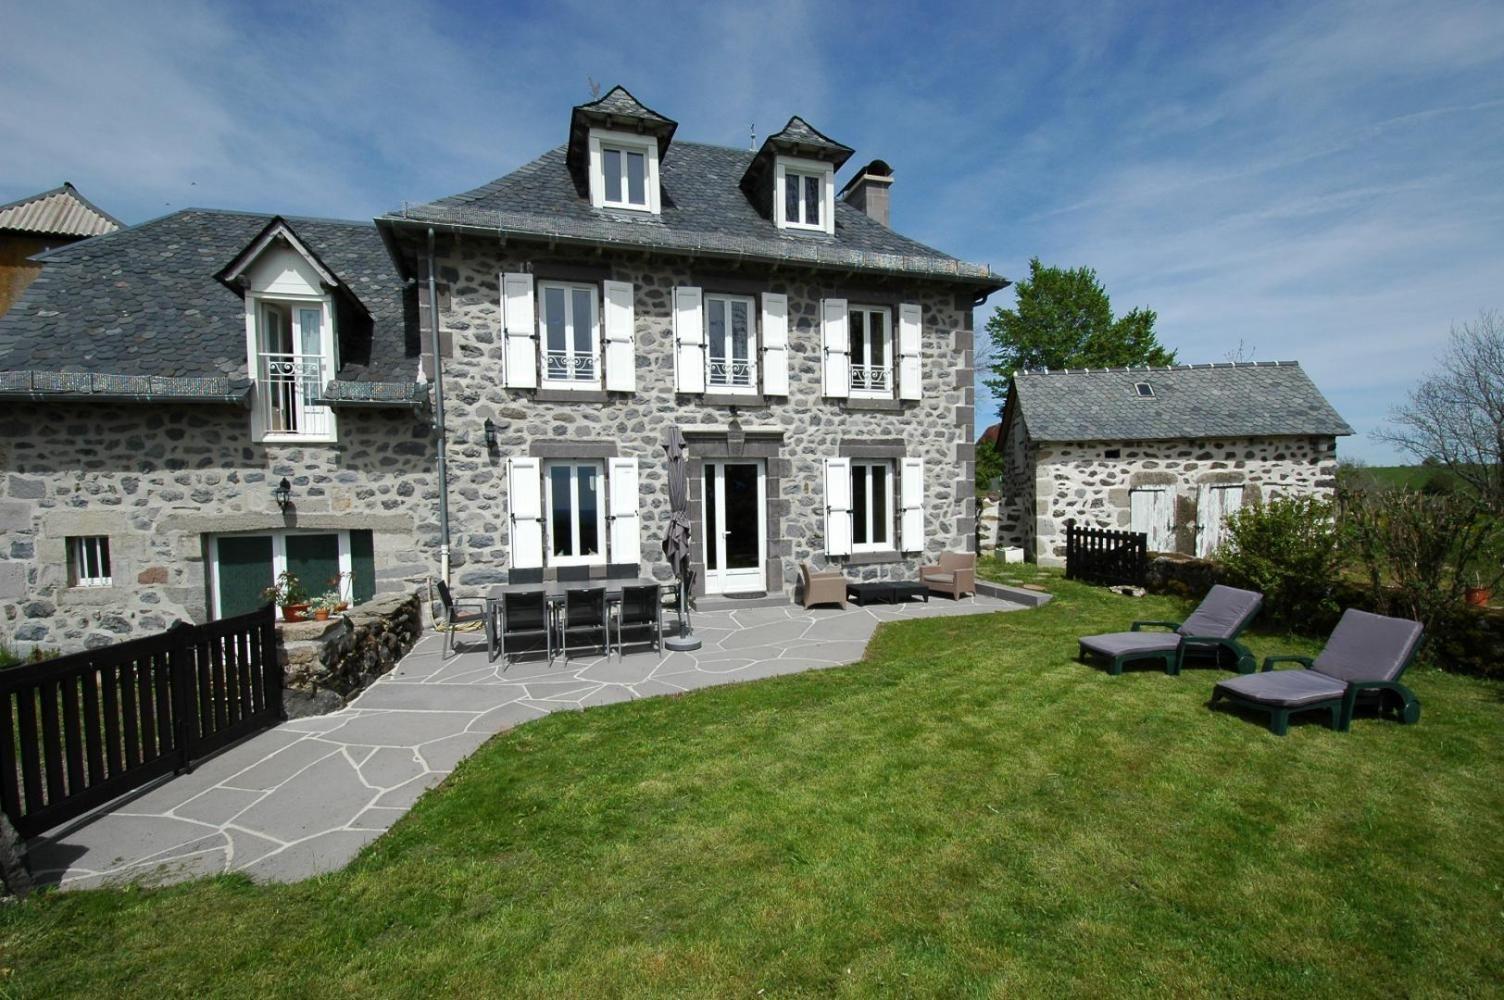 Gite La Maison D Anna Pailherols Auvergne Rhone Alpes Gites De France Gite De France Maison Style Gite